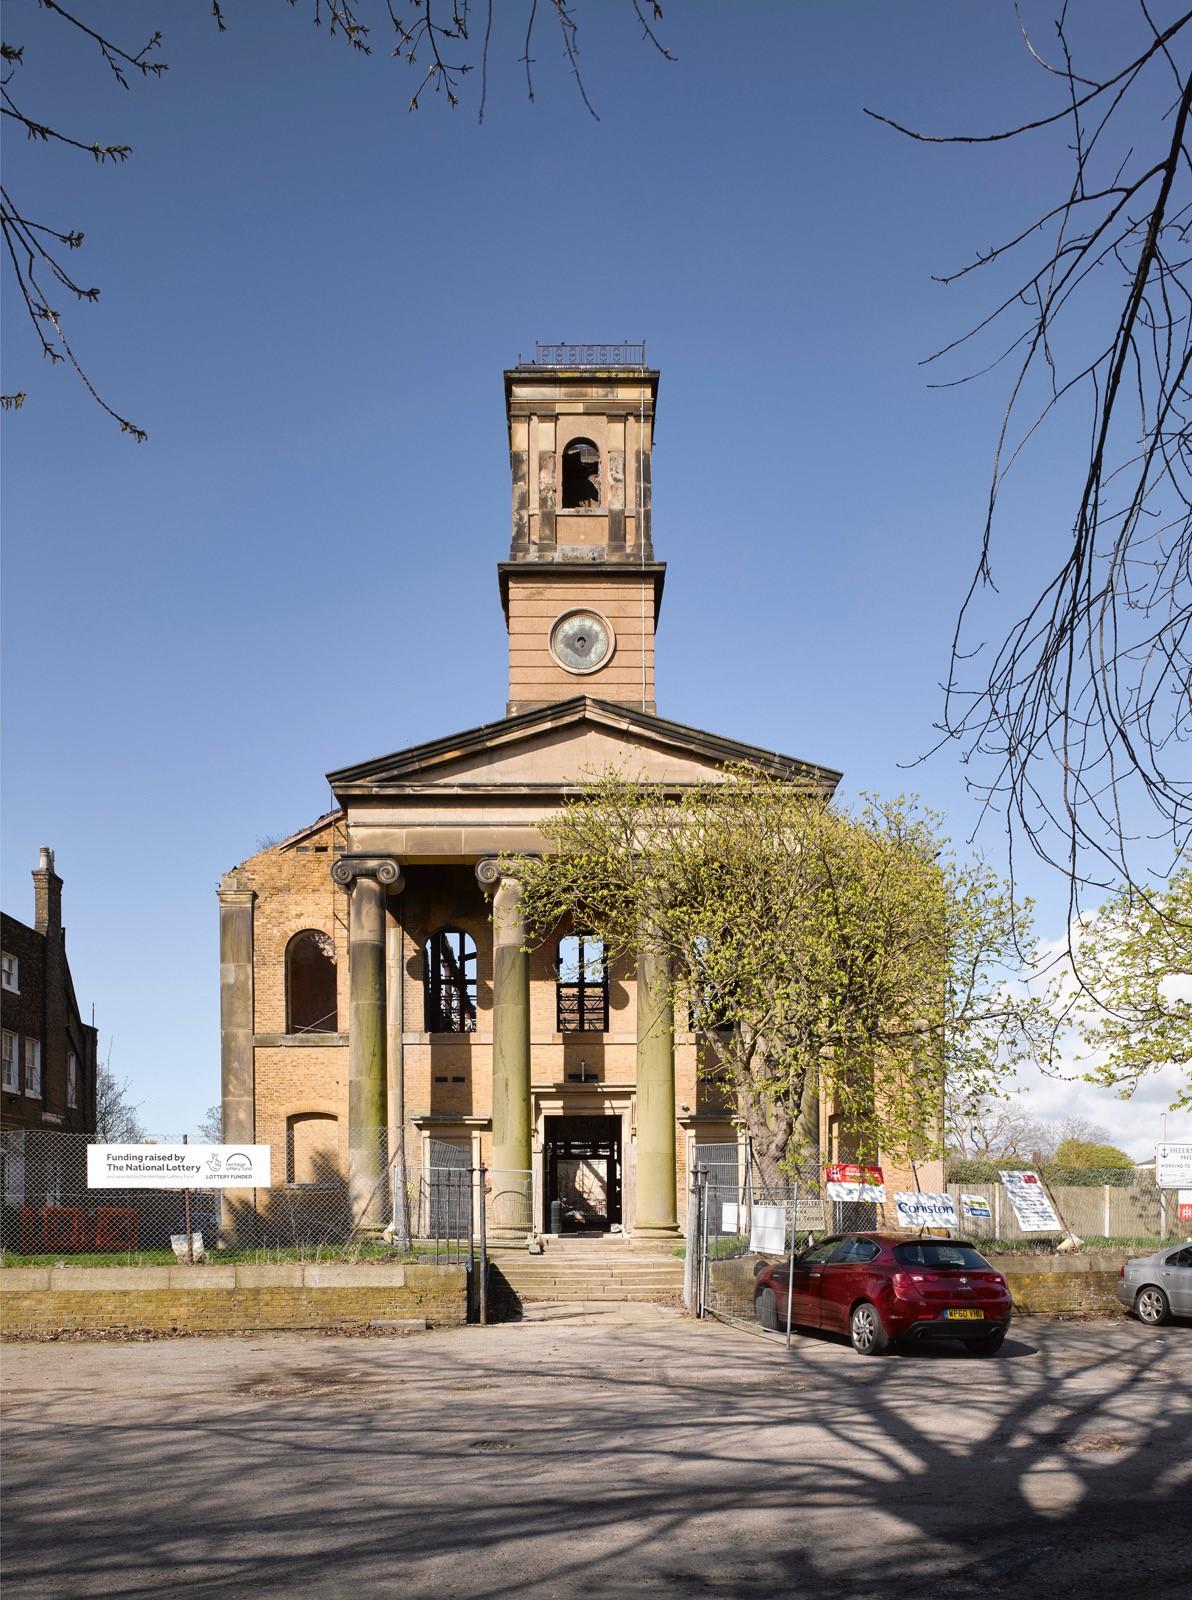 Dockyard Church (James Brittain)